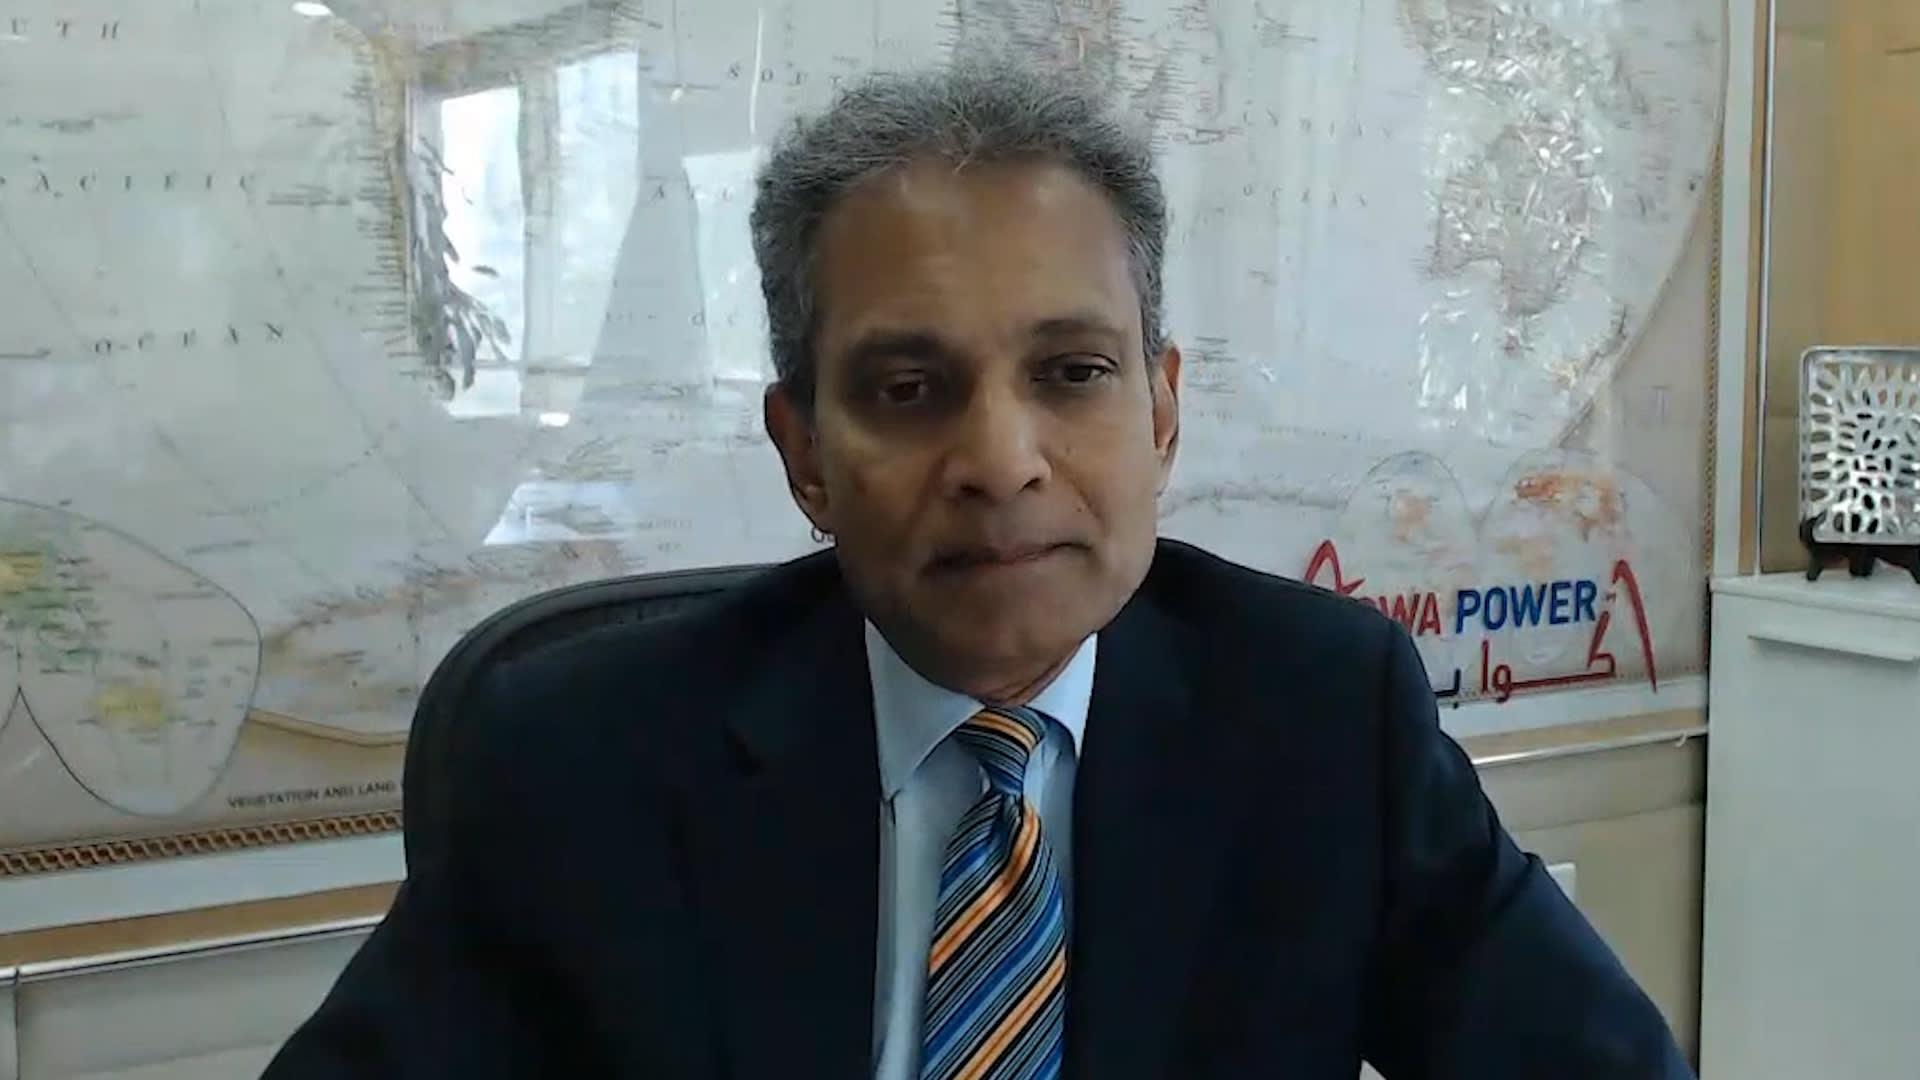 بادي بادماناثان، الرئيس التنفيذي لشركة أكوا باور في مكتبه بالرياض